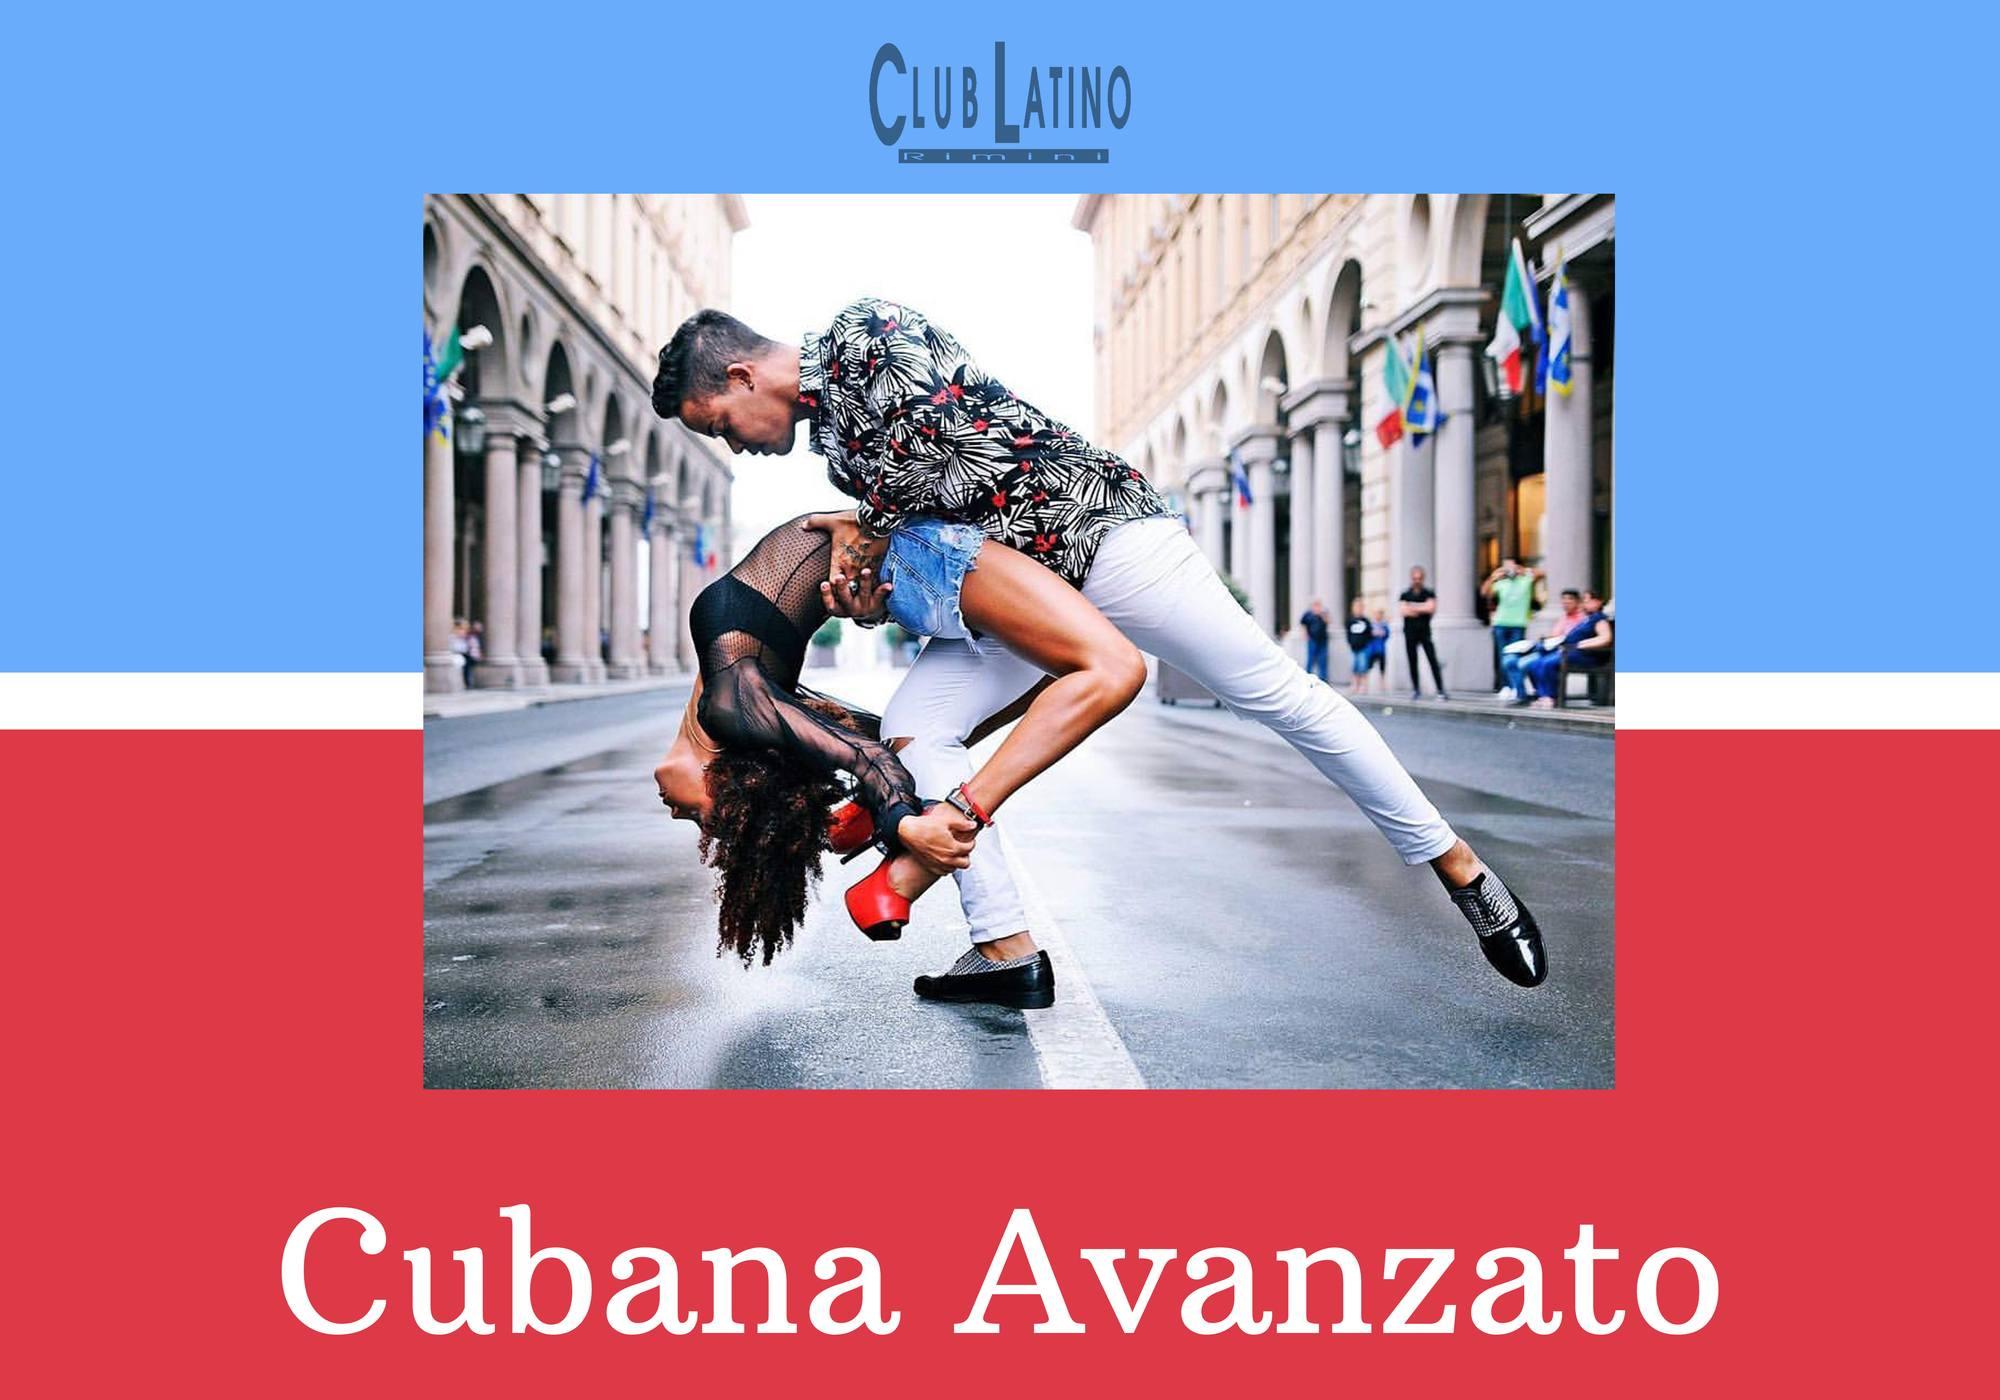 cubano agenzia di incontri Incontri consigli di successo